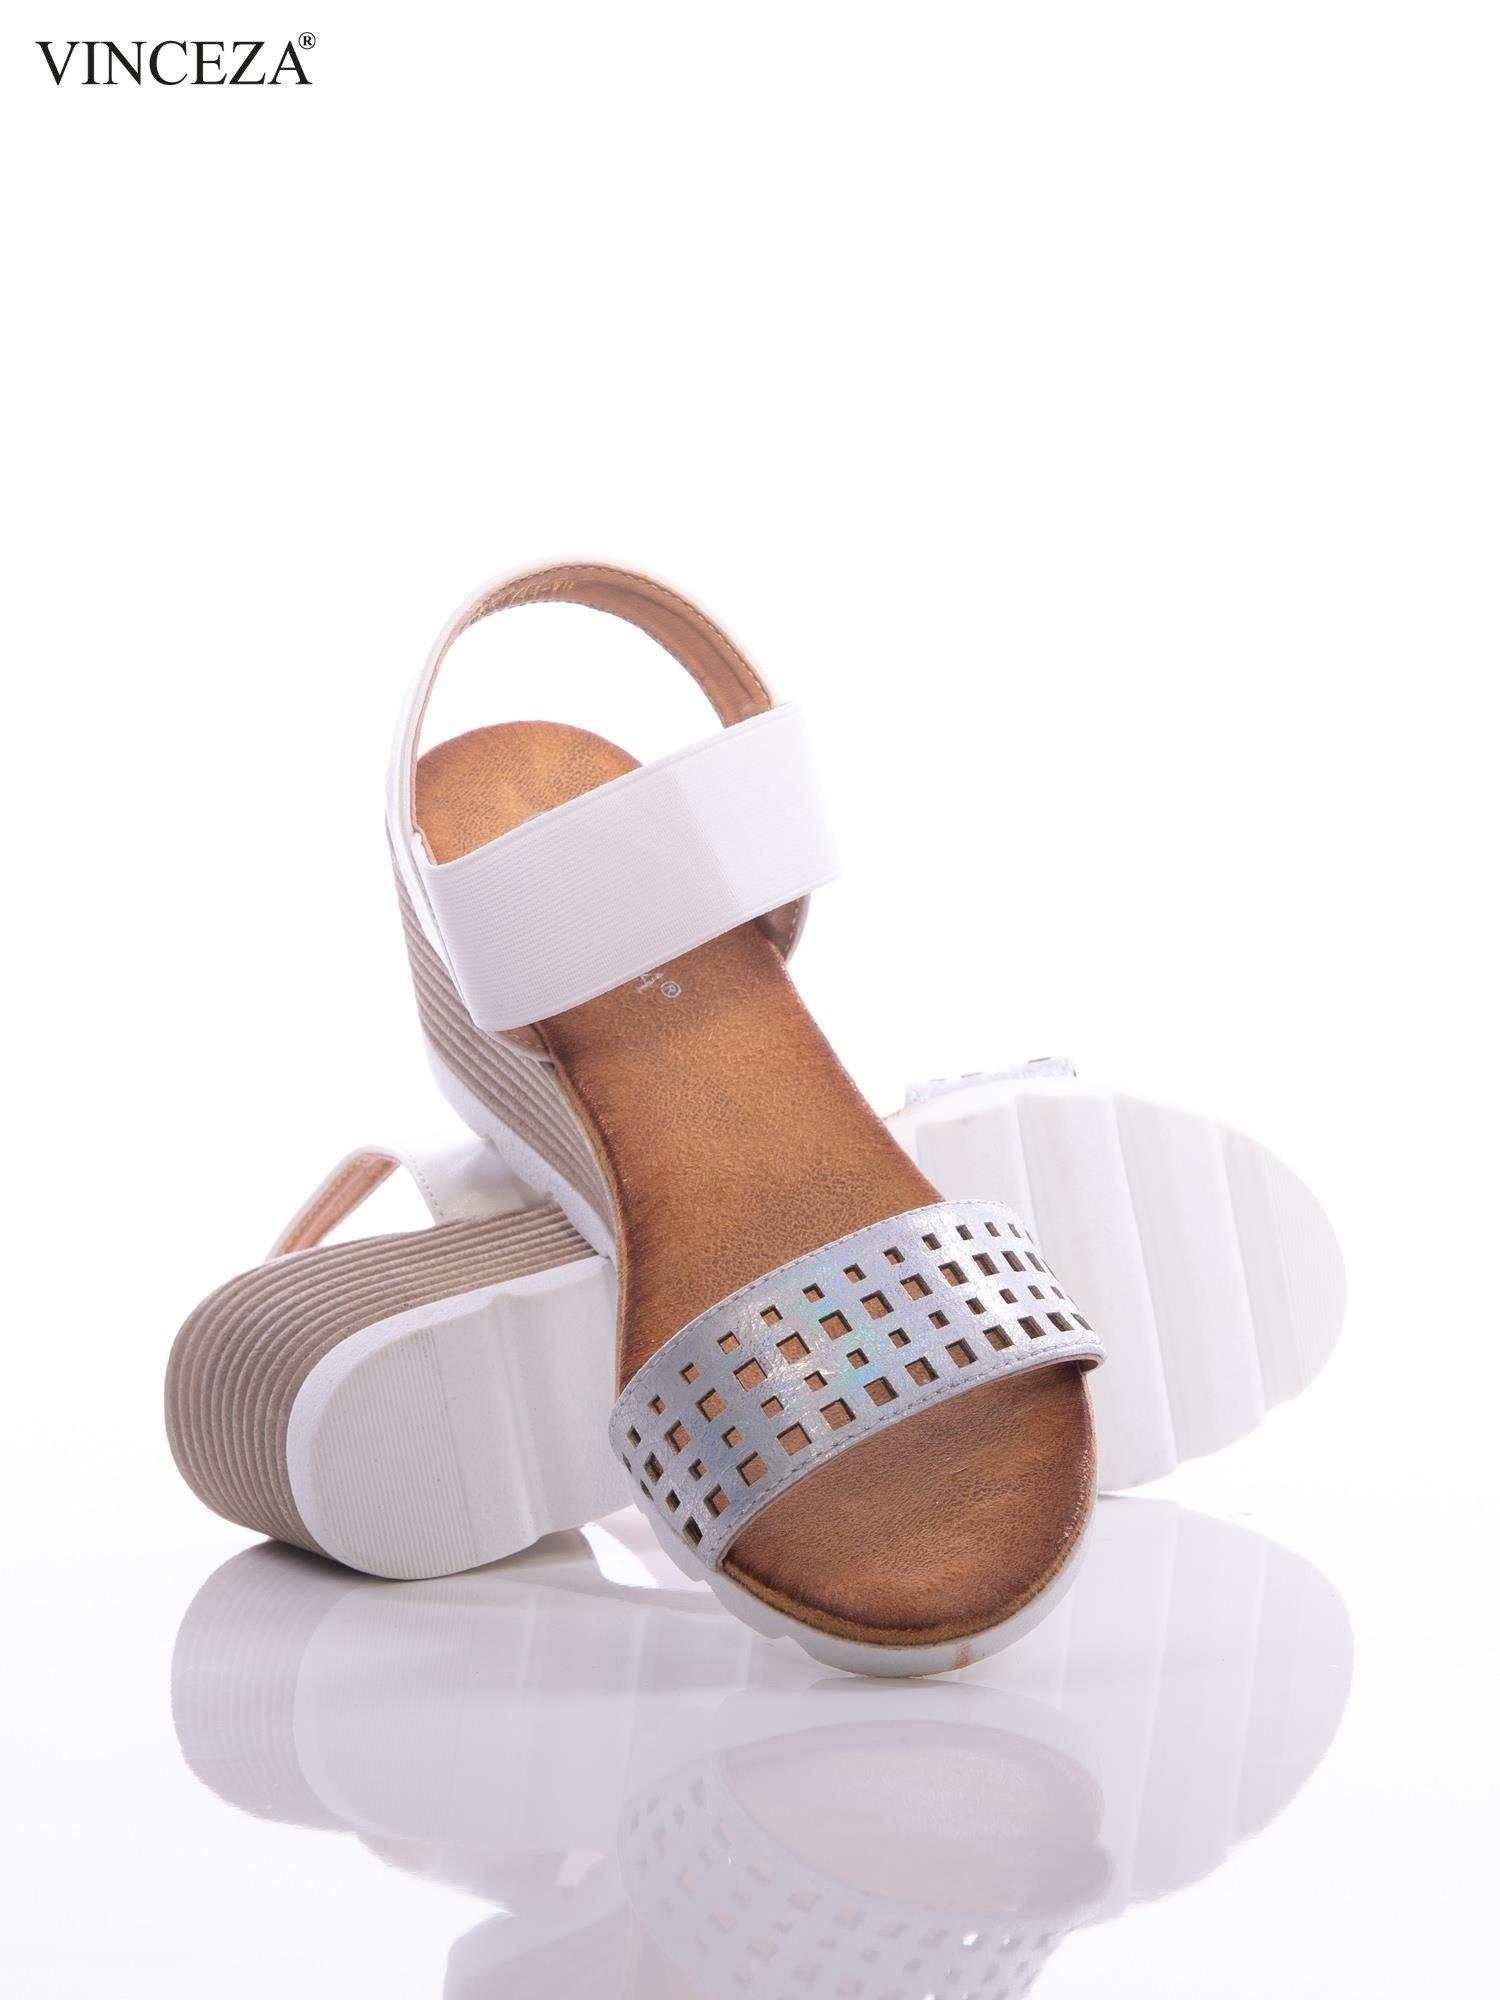 Białe sandały Vinceza na koturnach z ażurowym paskiem na przodzie i holograficzną poświatą